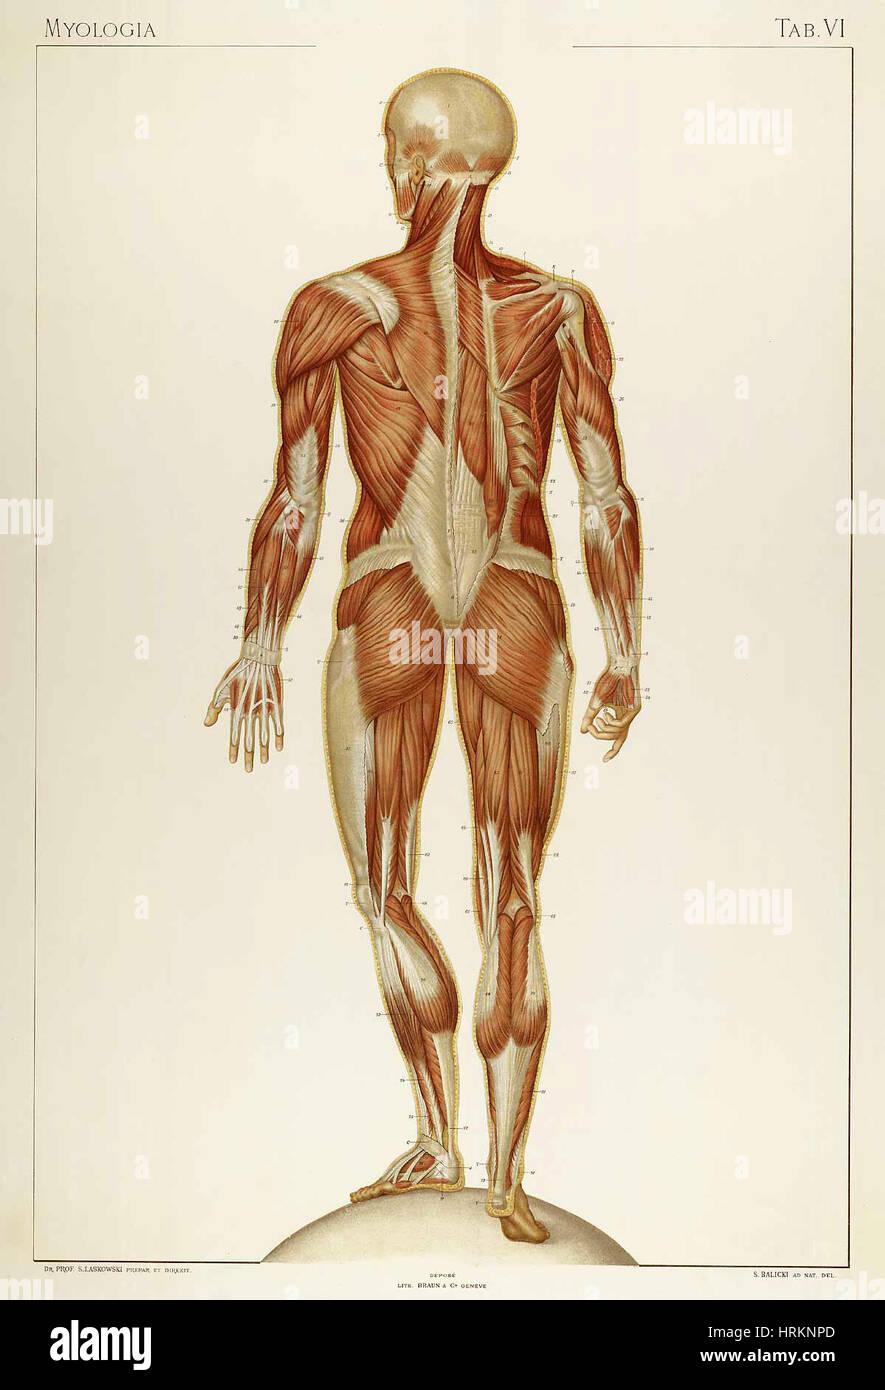 Storico illustrazione anatomica Immagini Stock